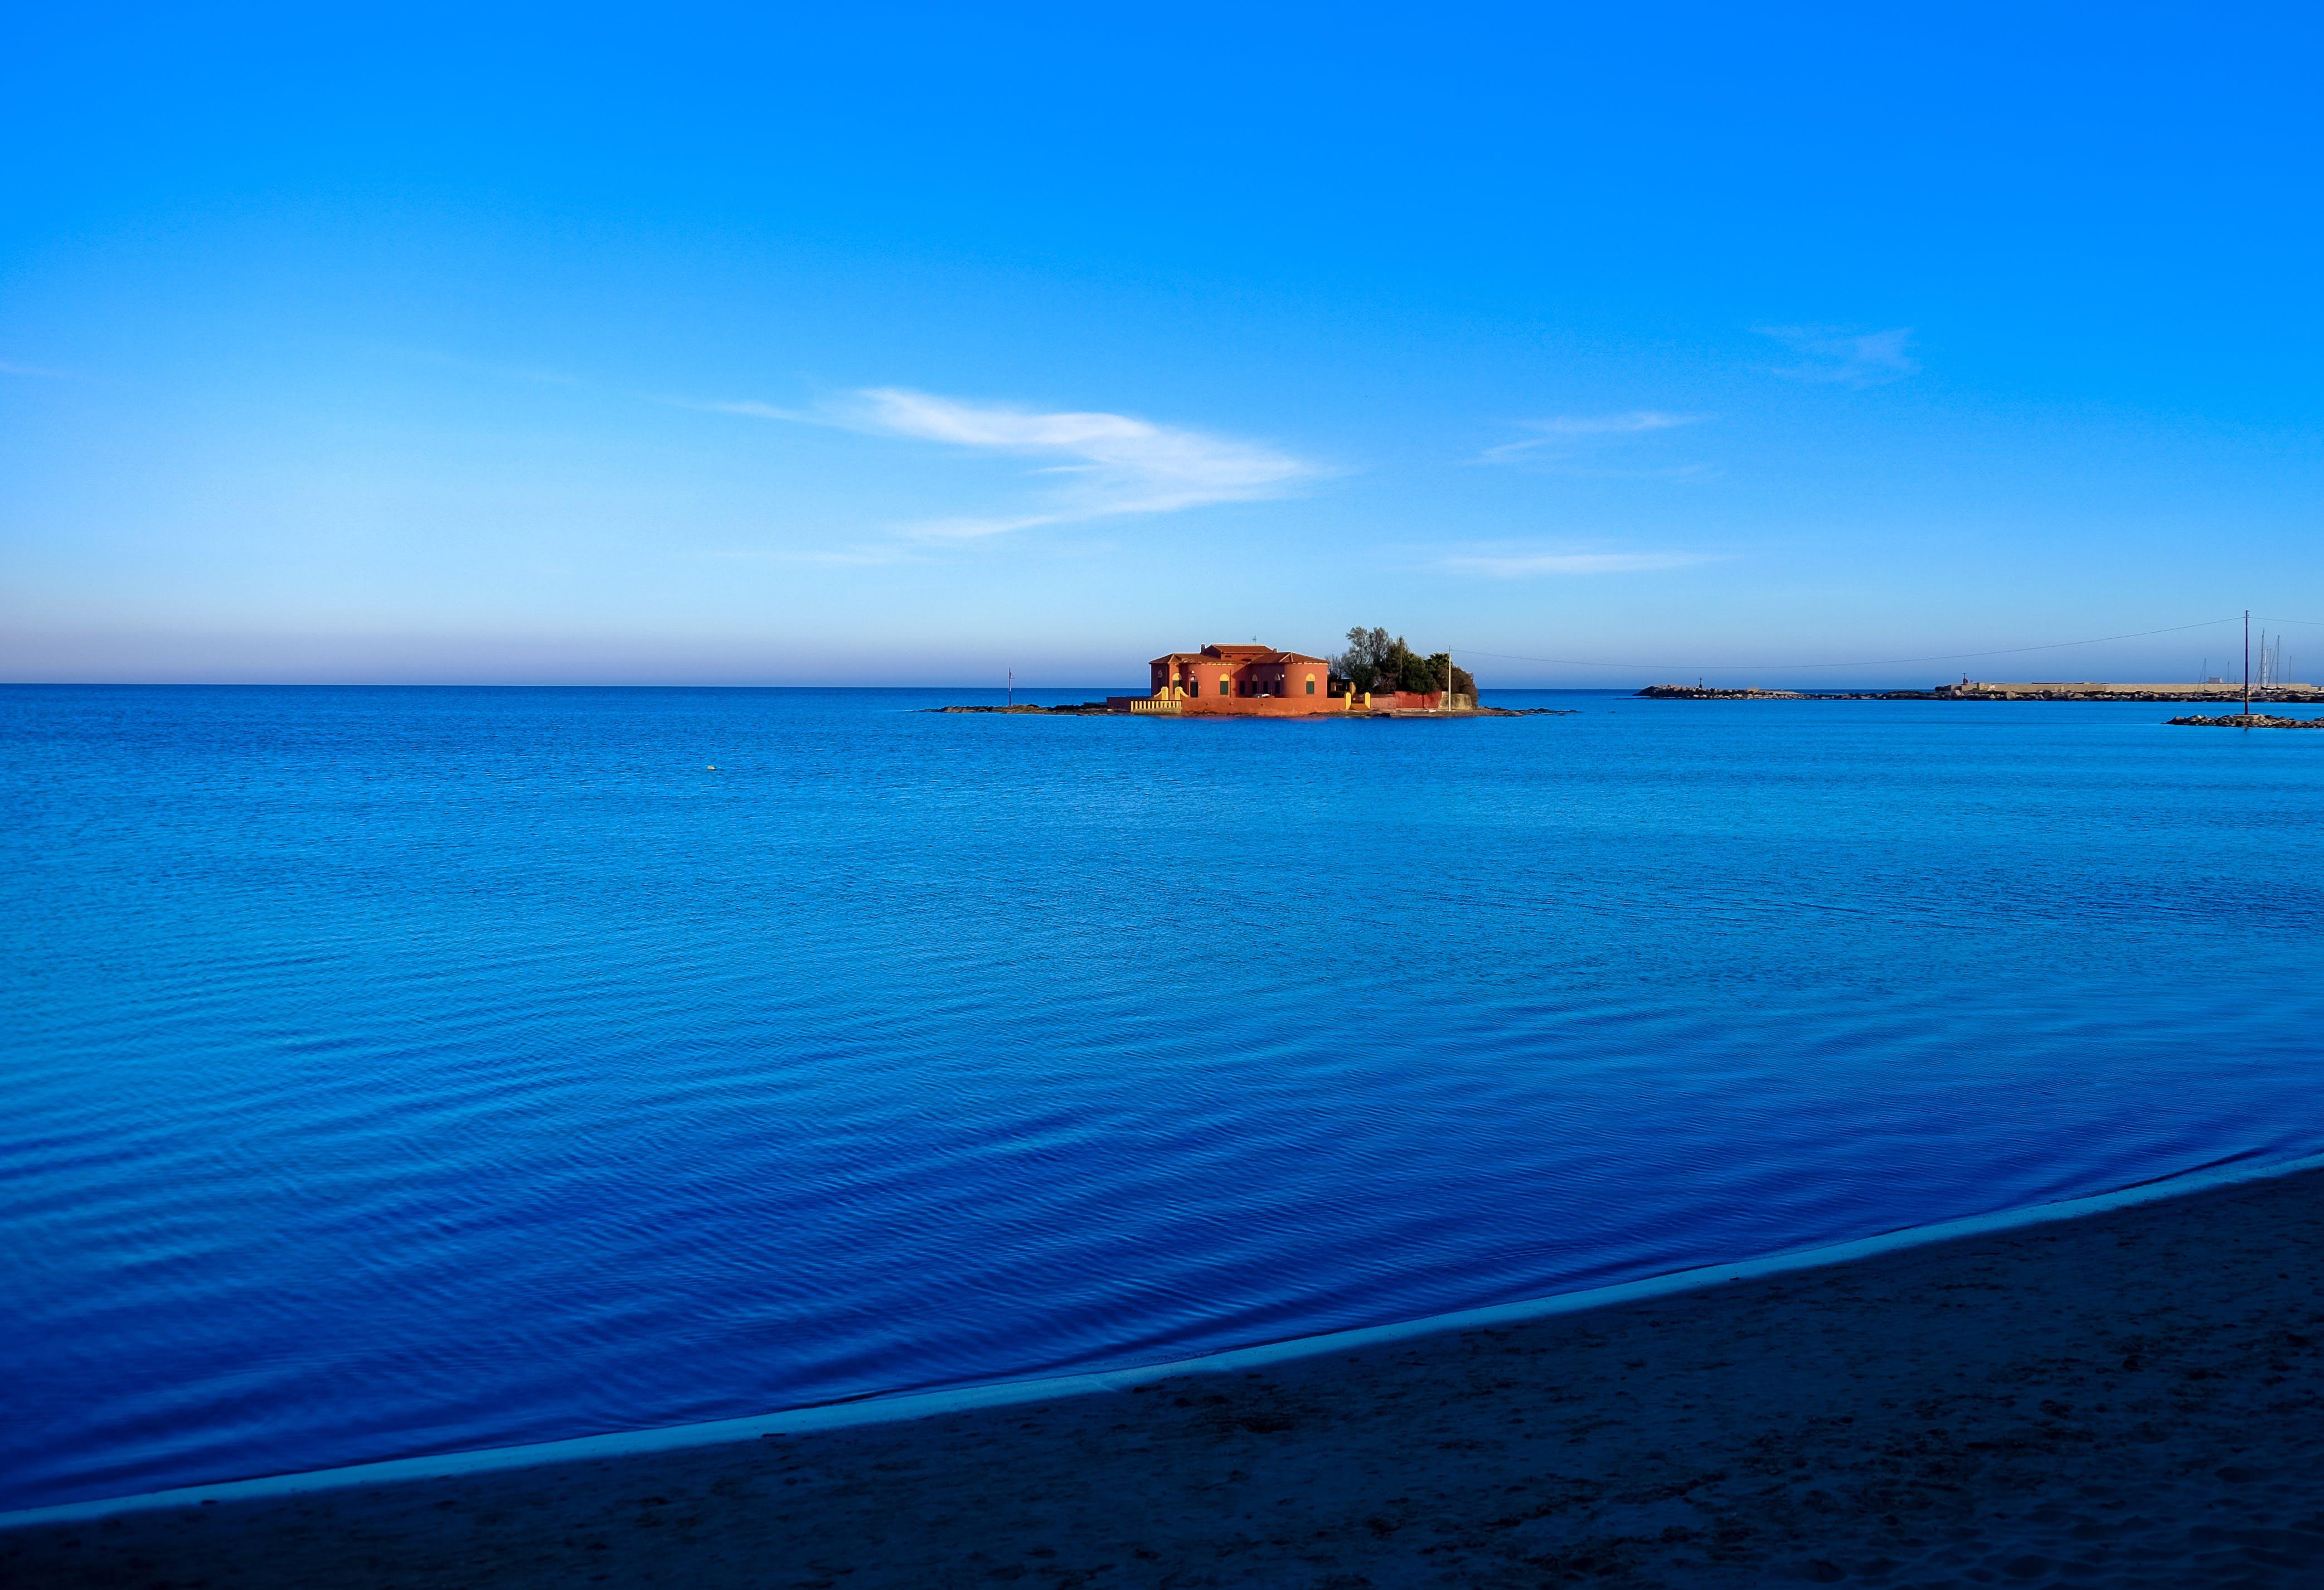 Gratis stockfoto met blauw, h2o, hemel, oceaan